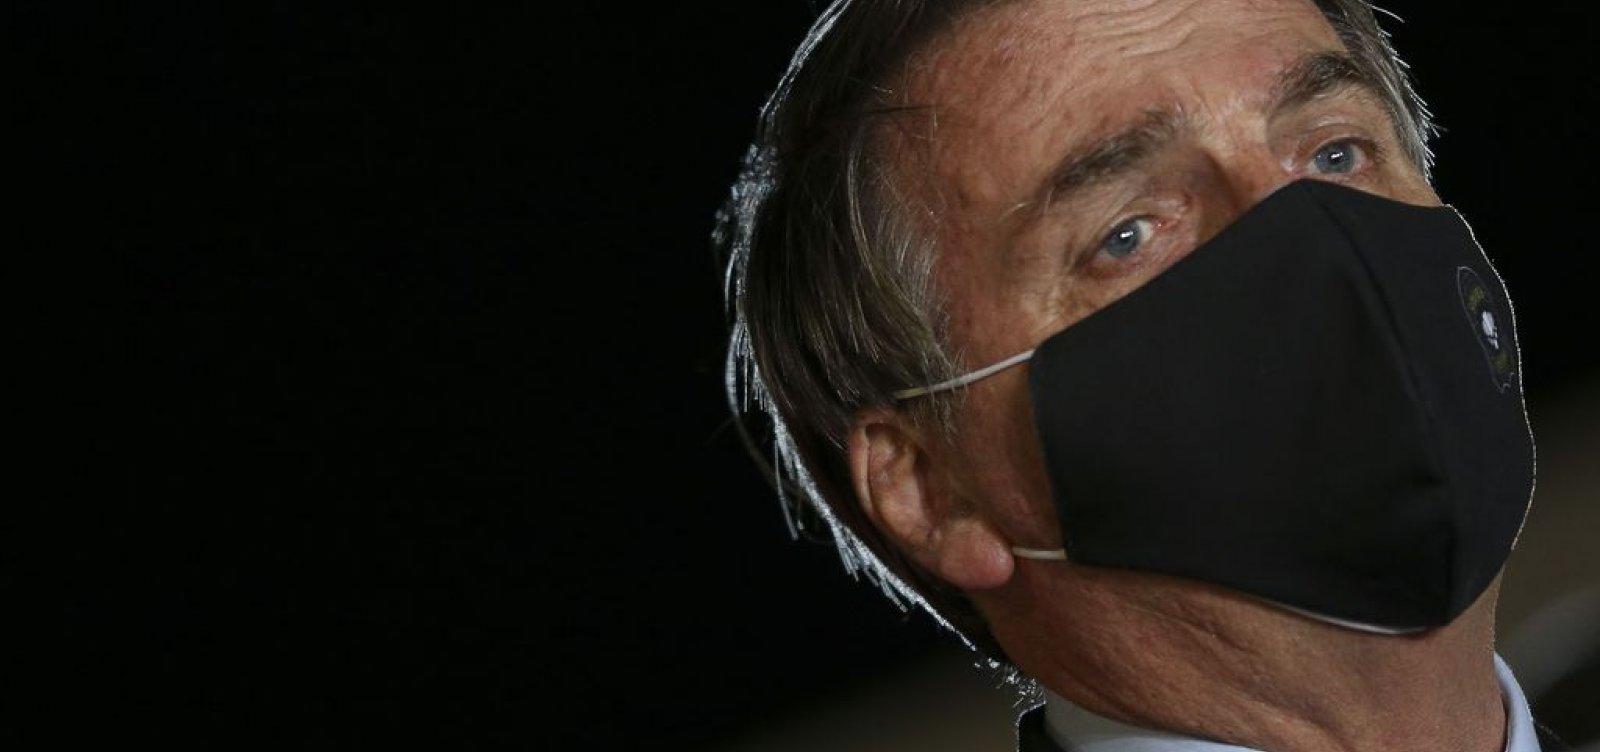 ['Nenhum ministro saiu por corrupção', diz Bolsonaro a apoiadores ]